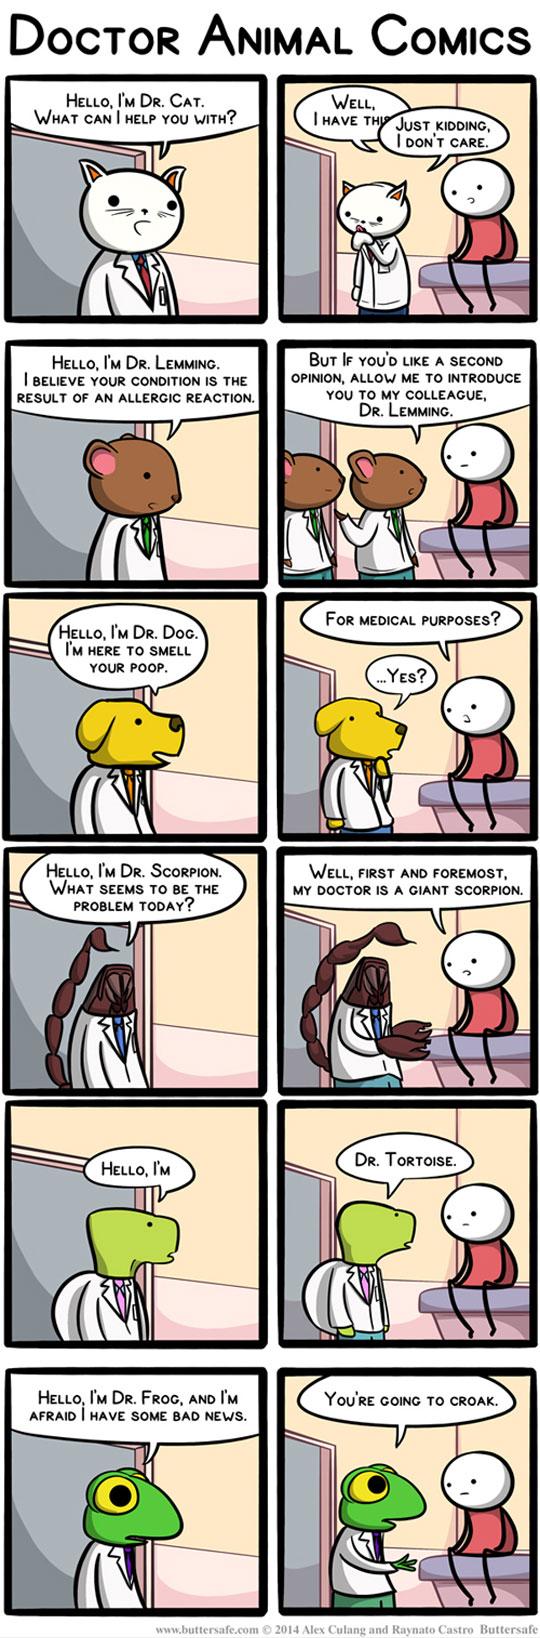 Doctor Animal Comics